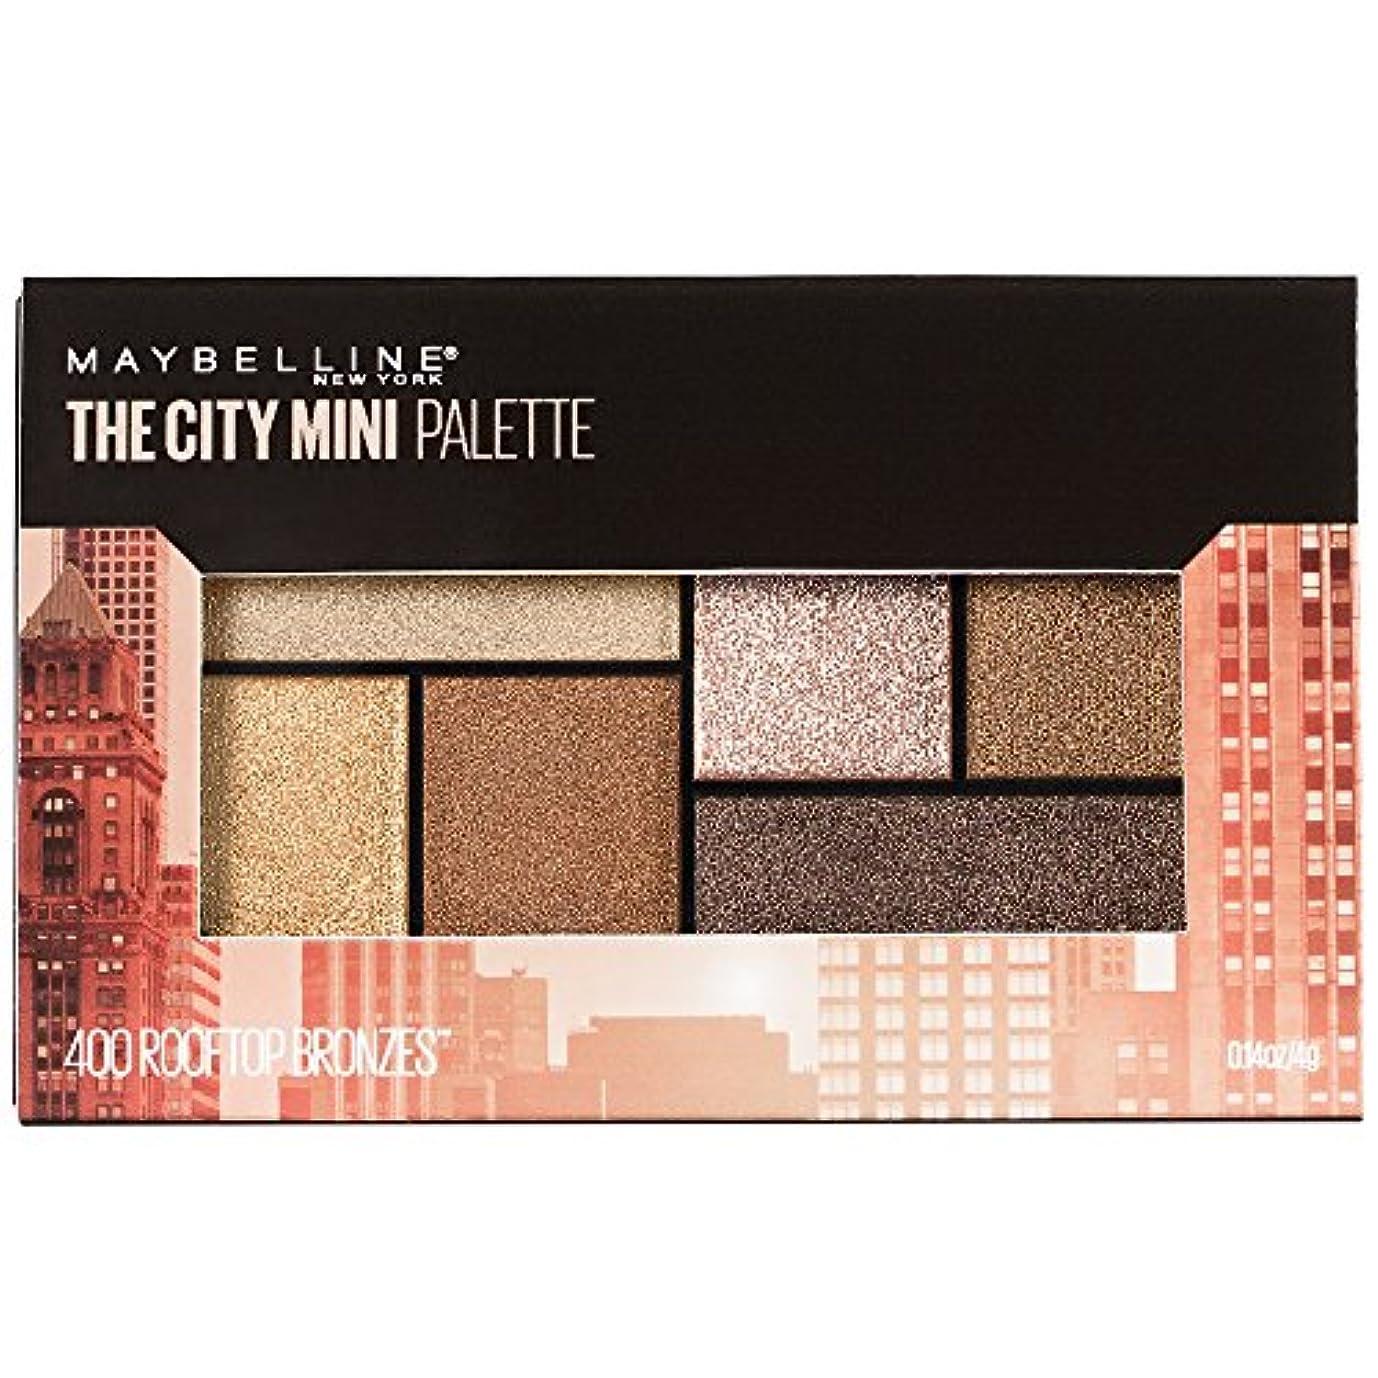 できる麻痺航海のMAYBELLINE The City Mini Palette - Rooftop Bronzes (並行輸入品)